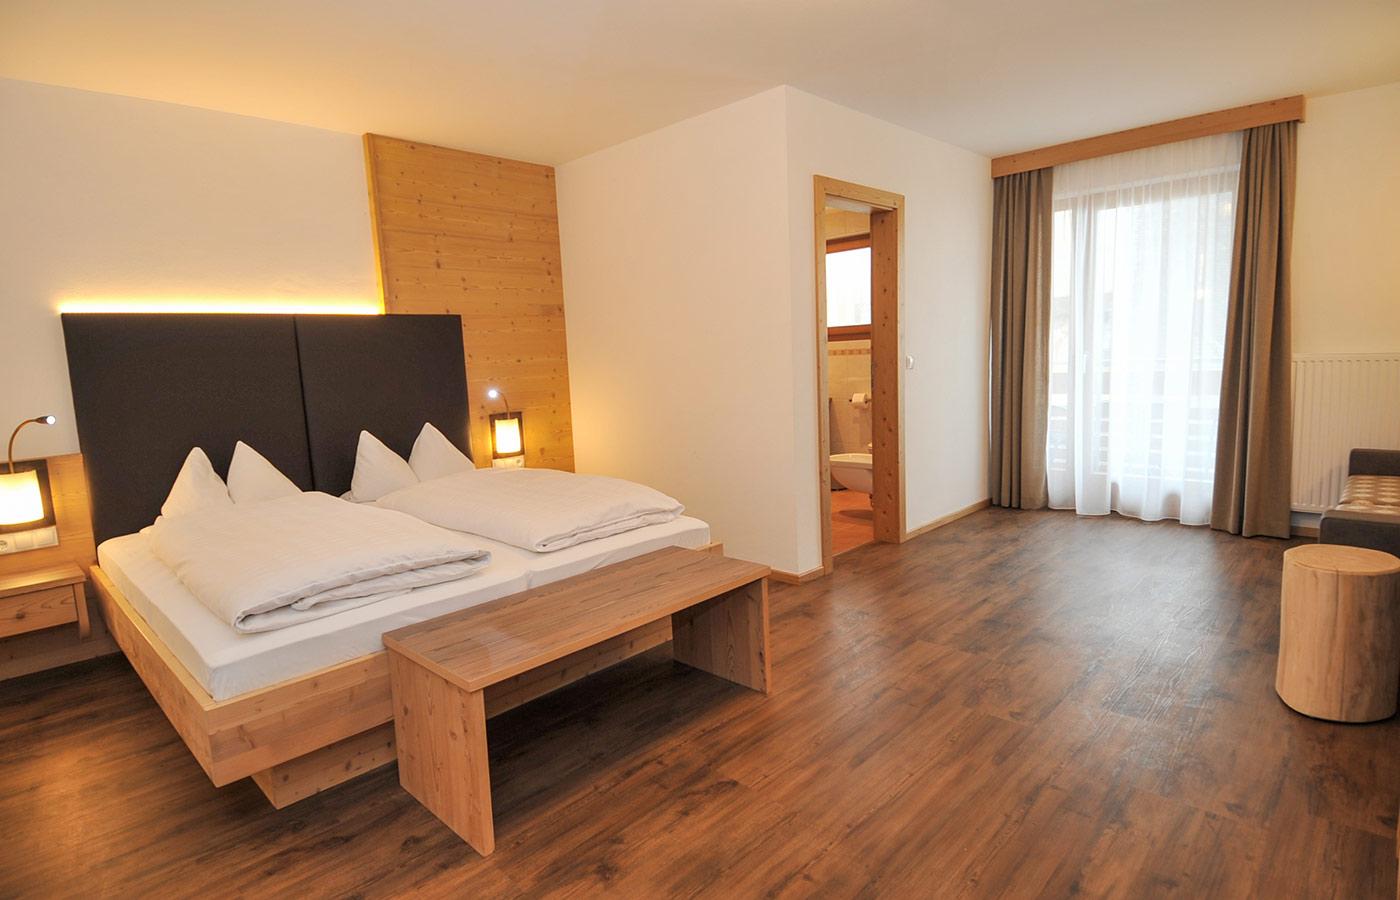 Brunnerhof Spinga: camere ampie e confortevoli